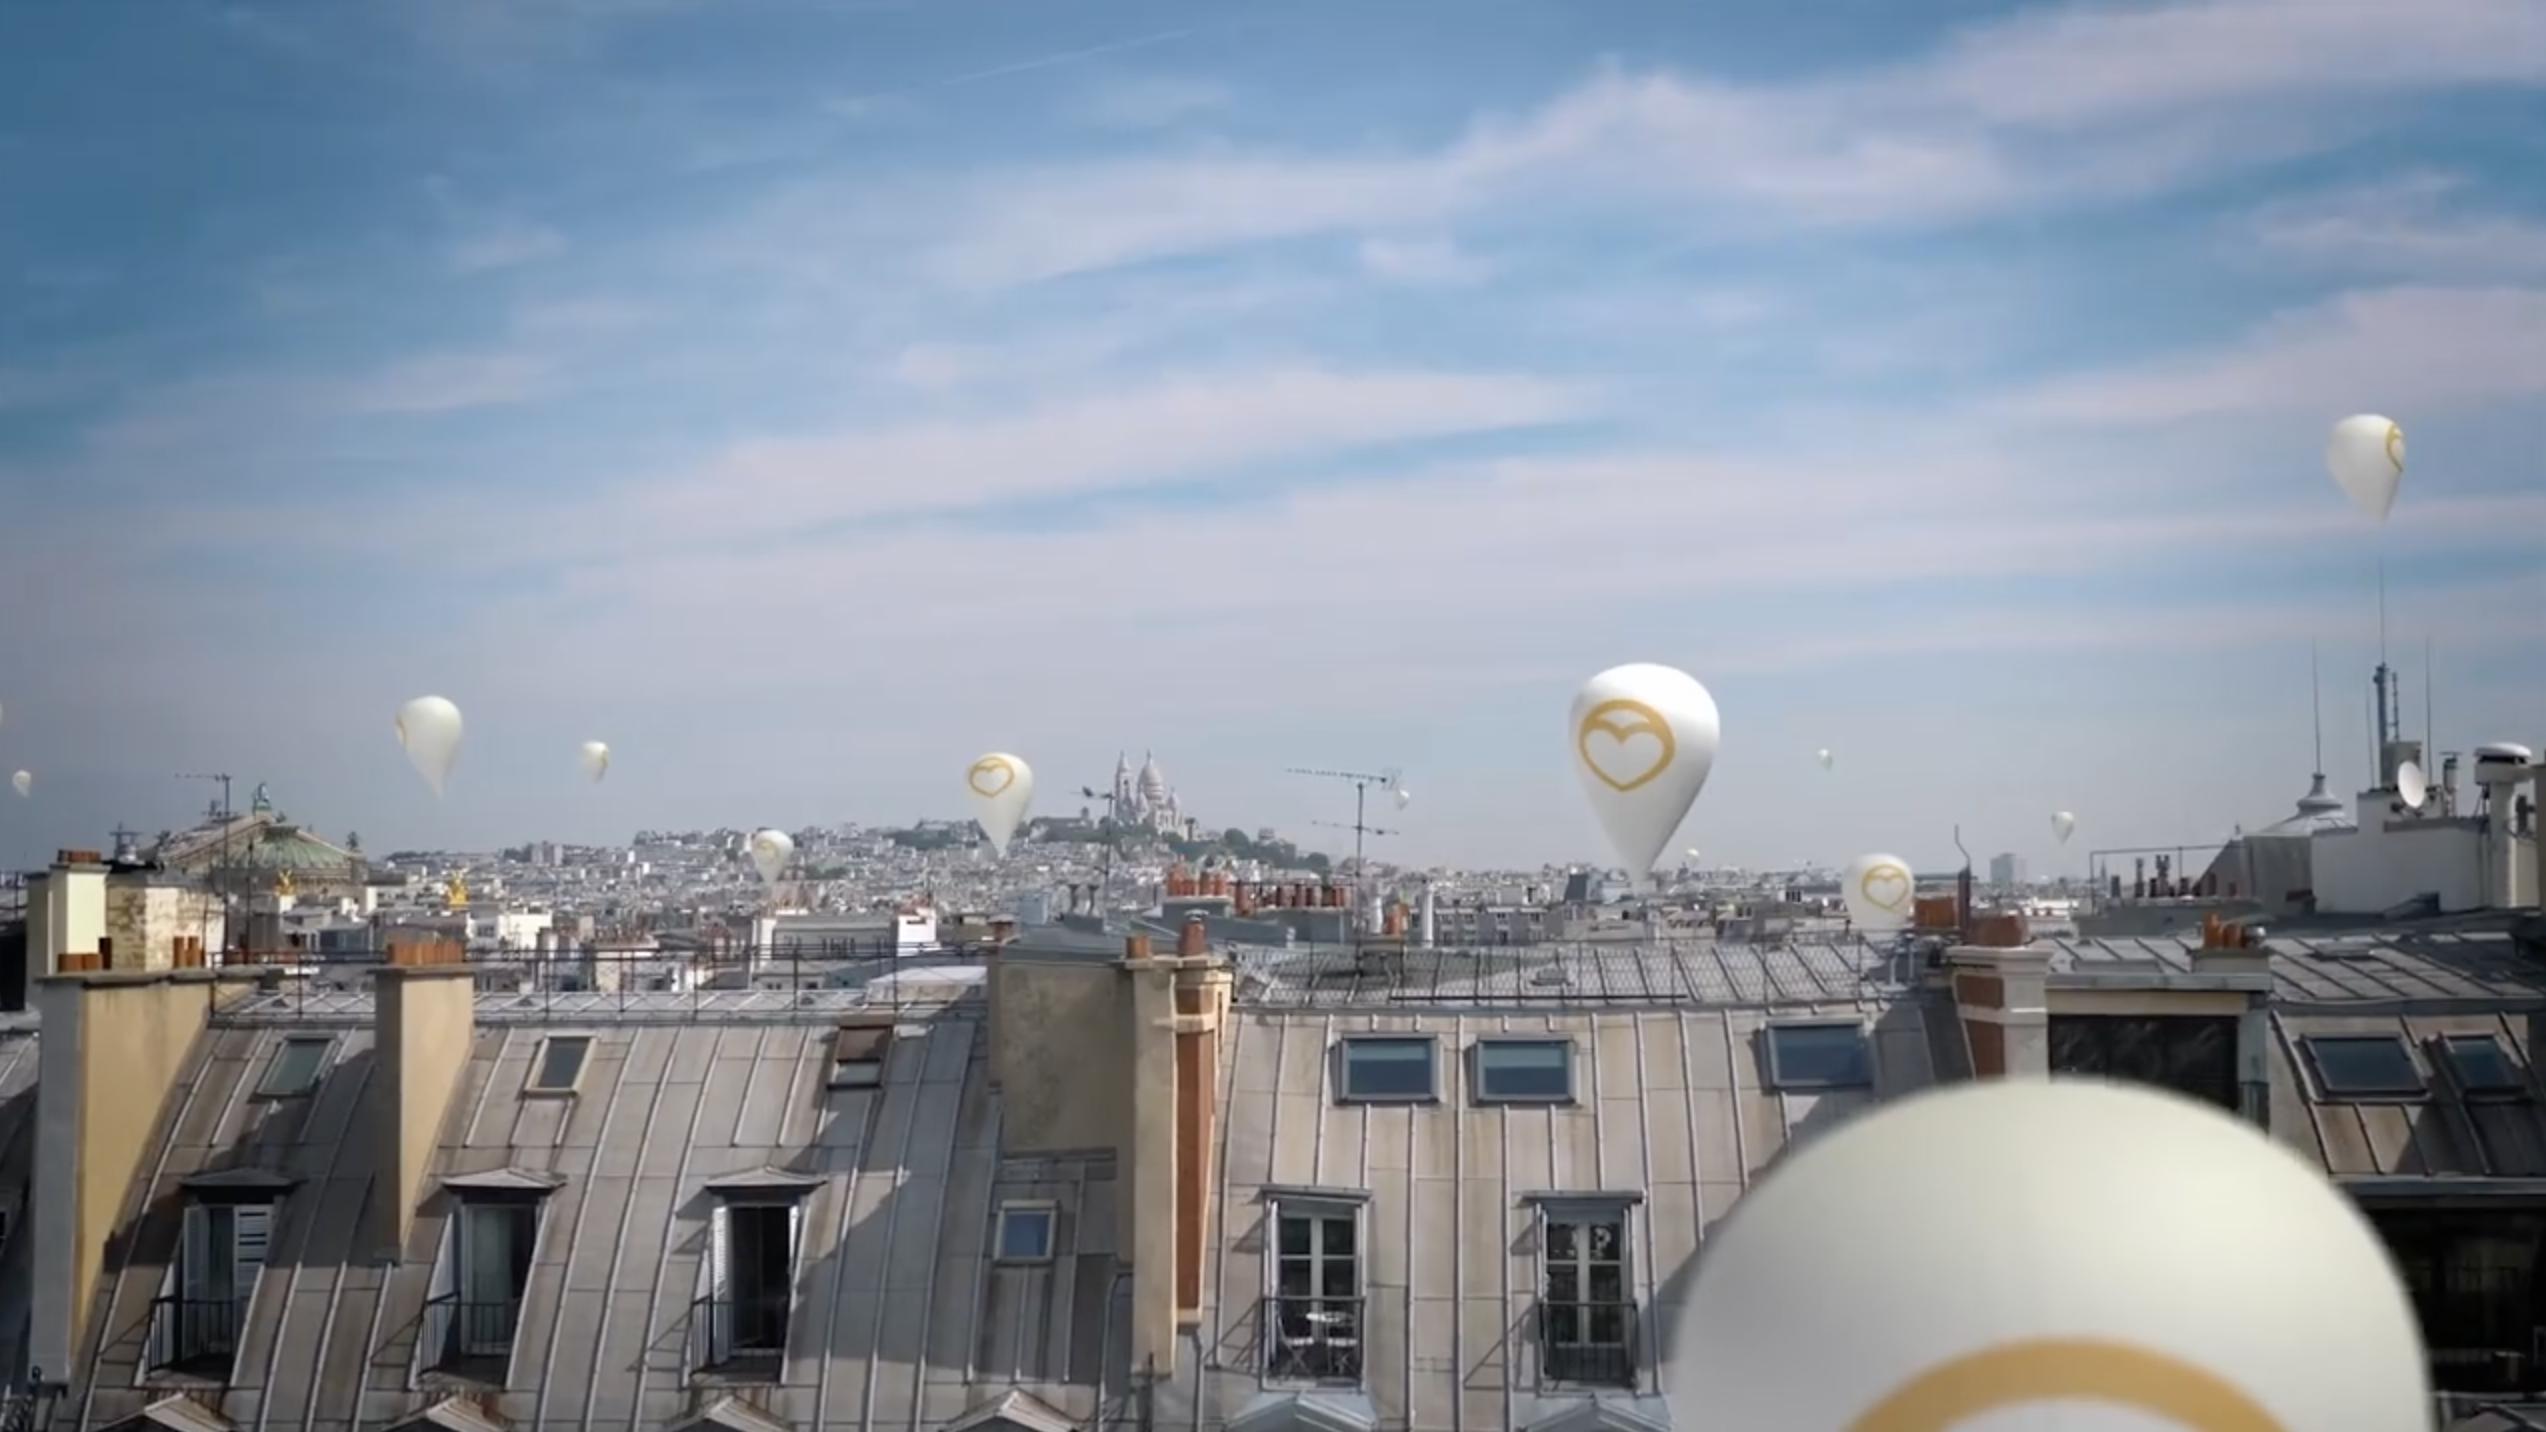 Bien'ici : le site immobilier attache des ballons sur le toit de ses biens à Paris